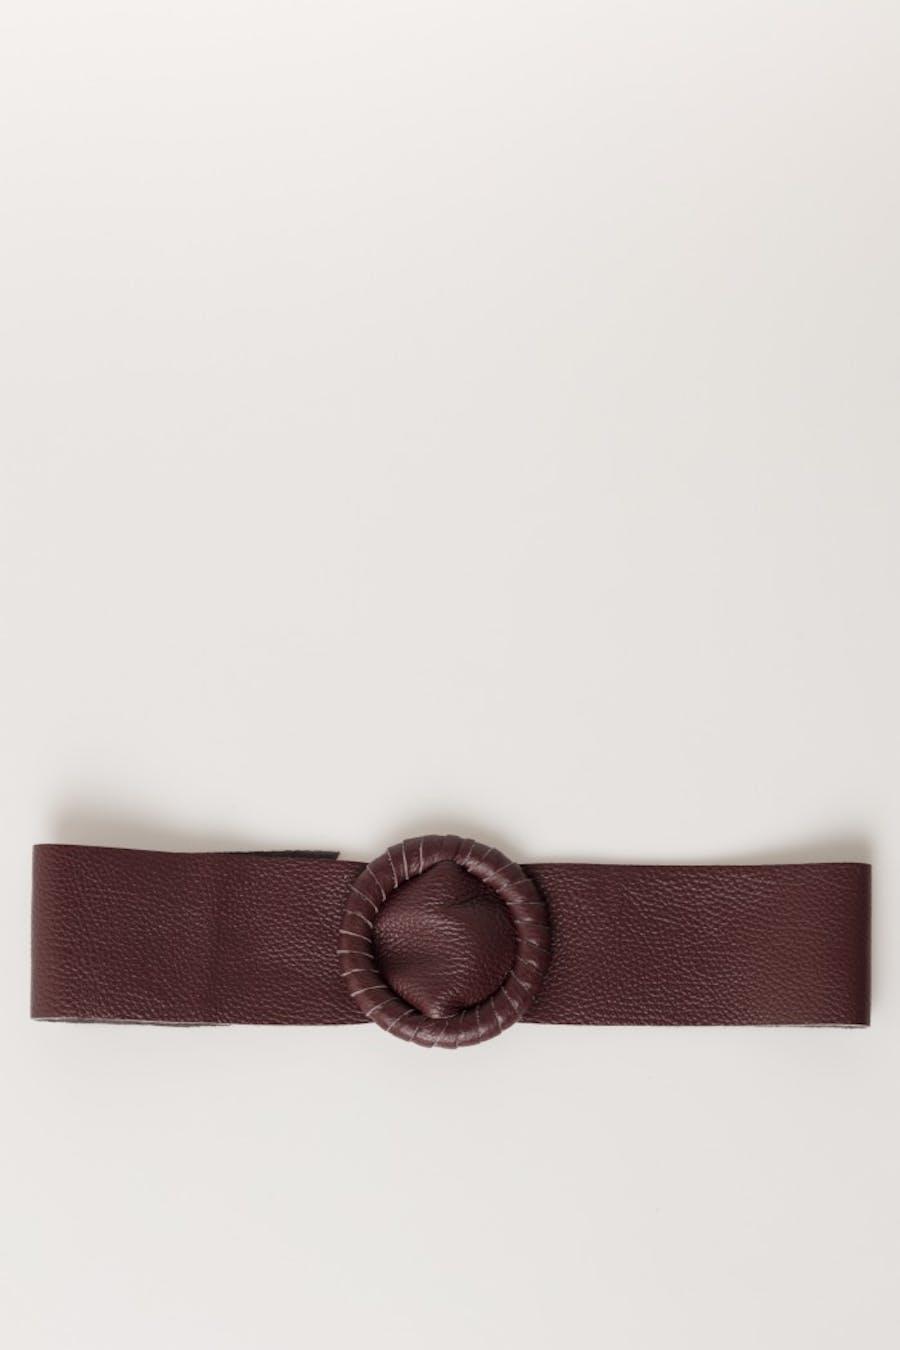 Cinturón massima grazia piel Burdeos